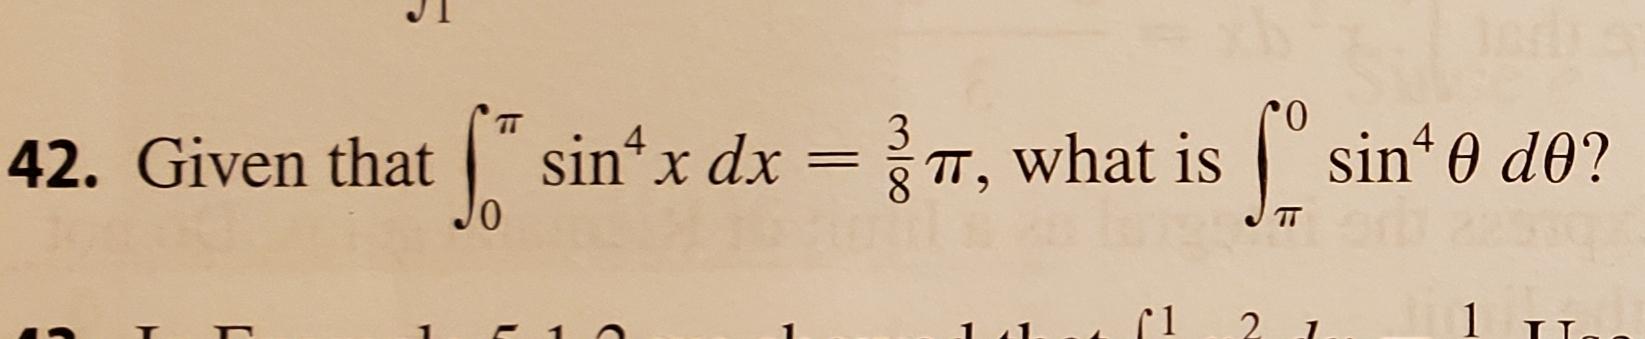 sin x dx T, what is sin 0 de? 4 TT